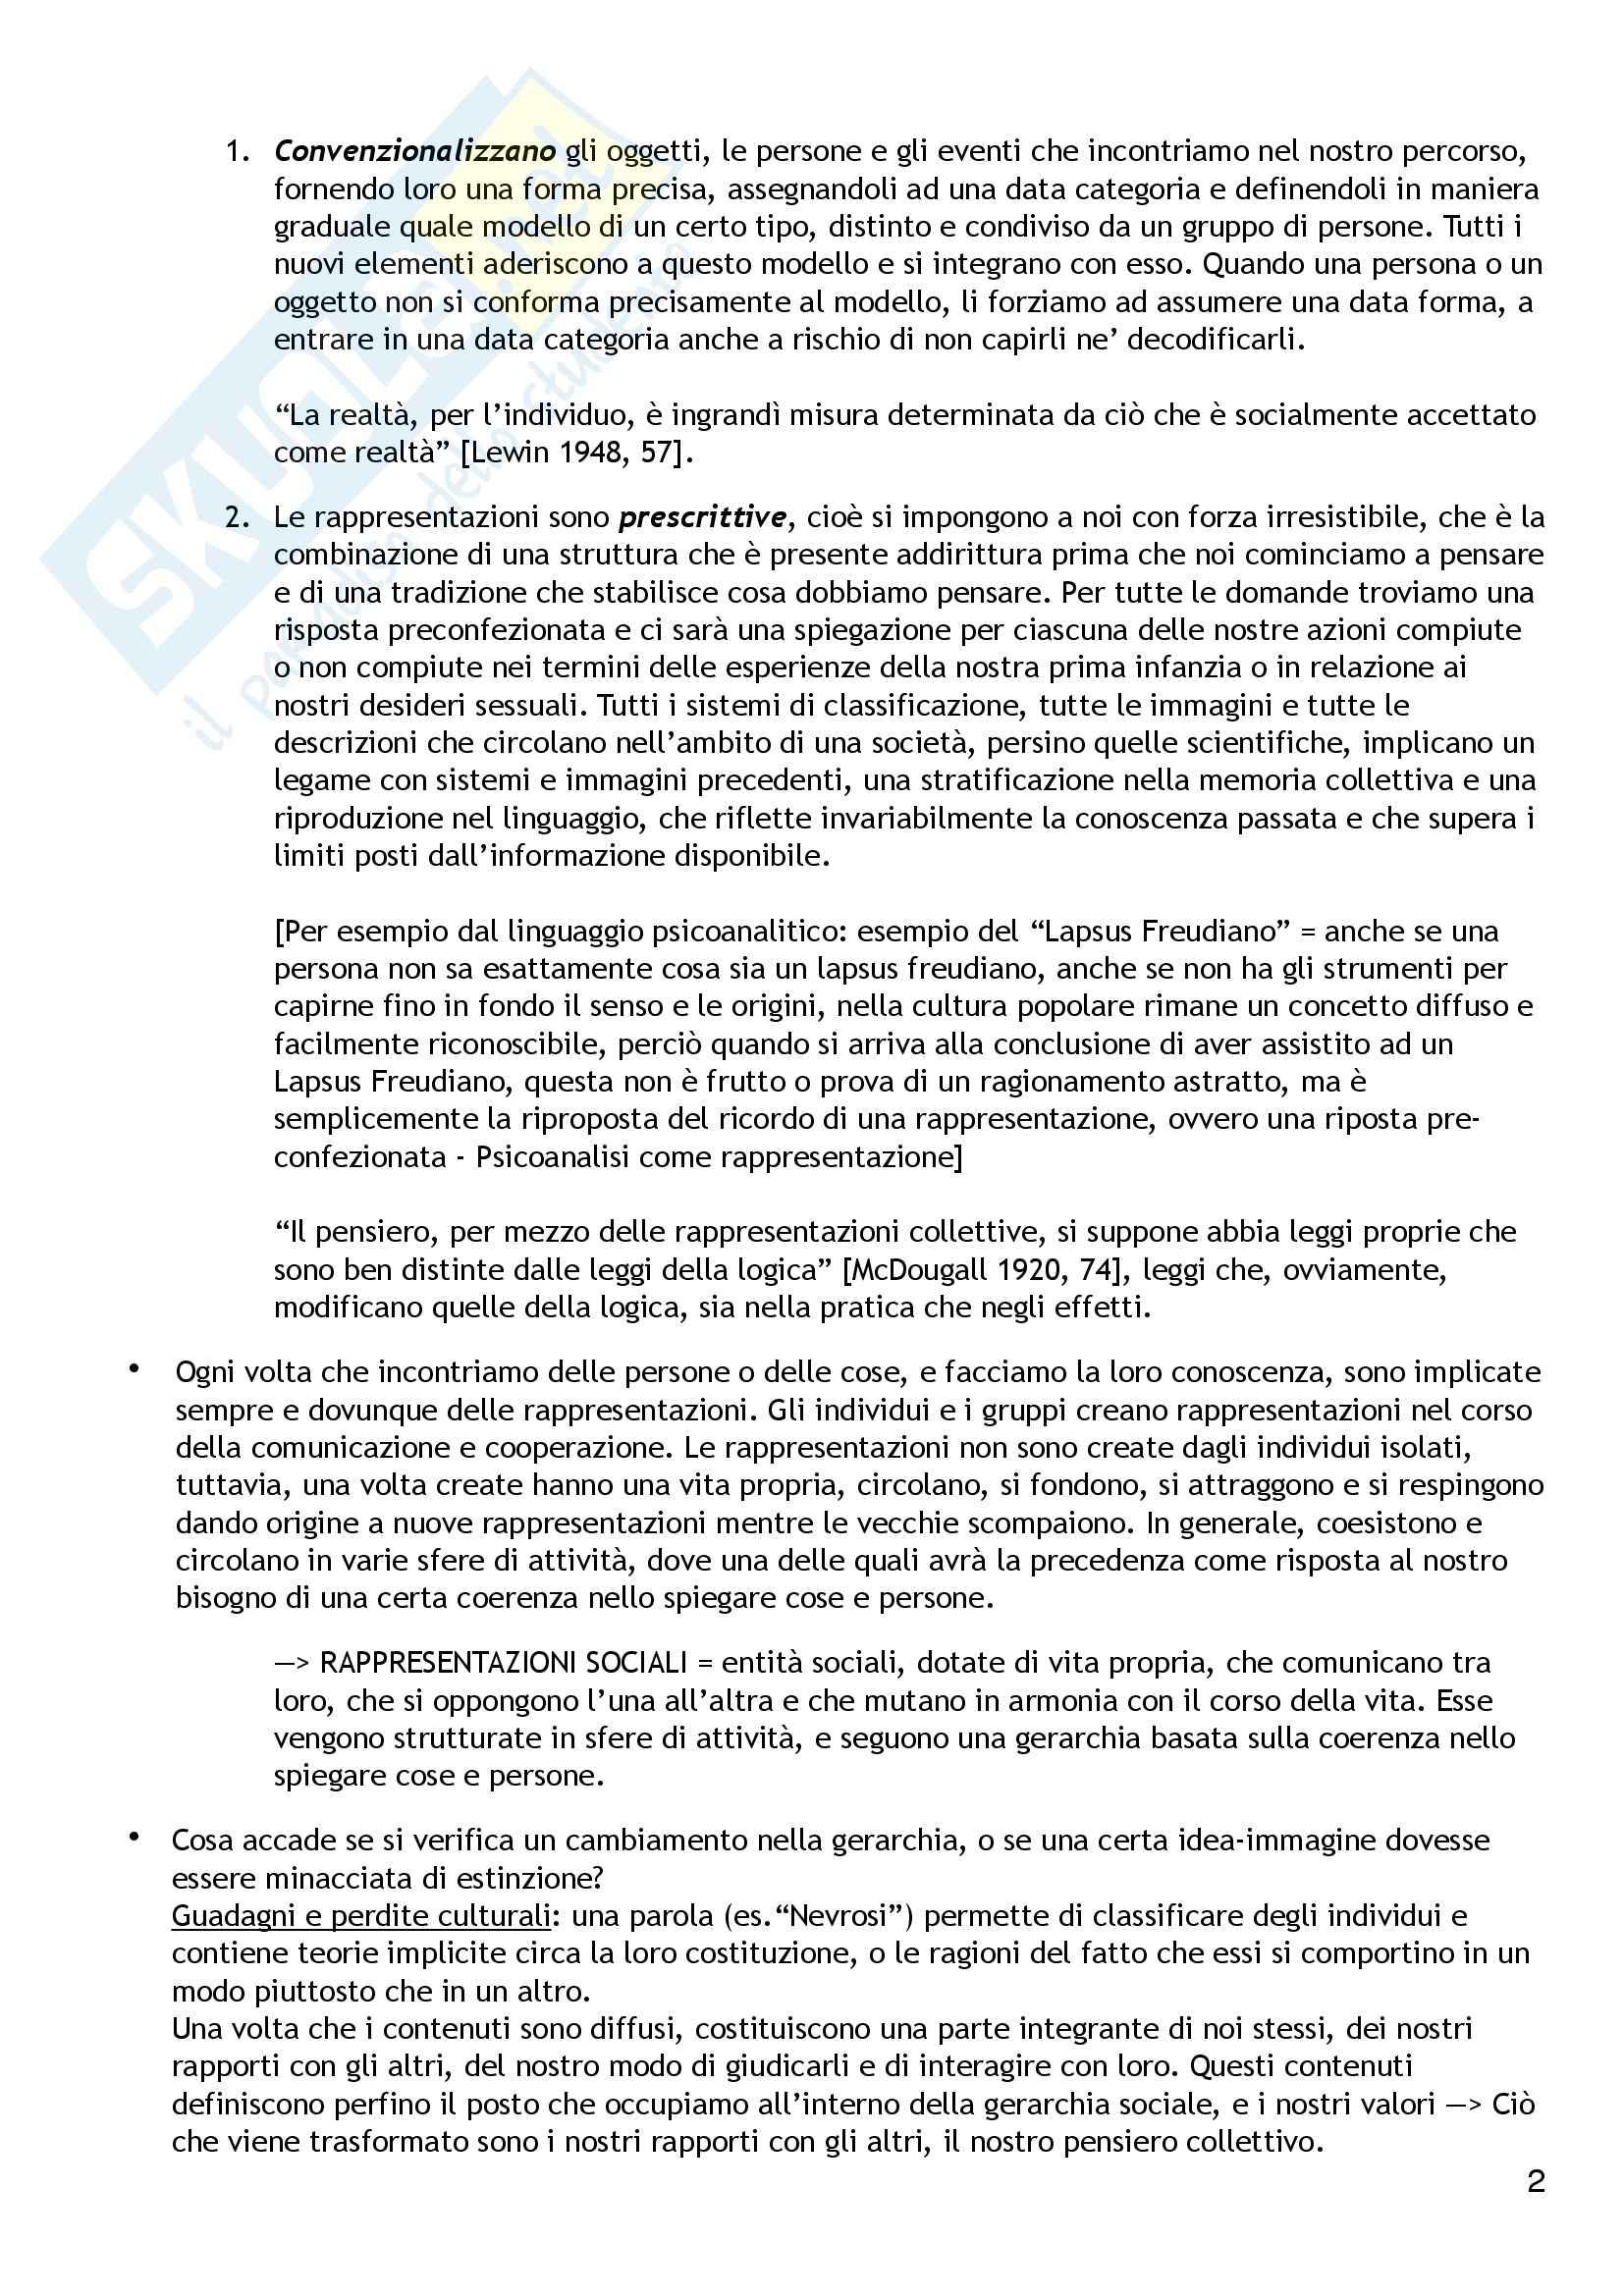 Riassunto esame Psicologia Sociale, prof. Colucci, libro consigliato Le Rappresentazioni Sociali,  Moscovici Pag. 2